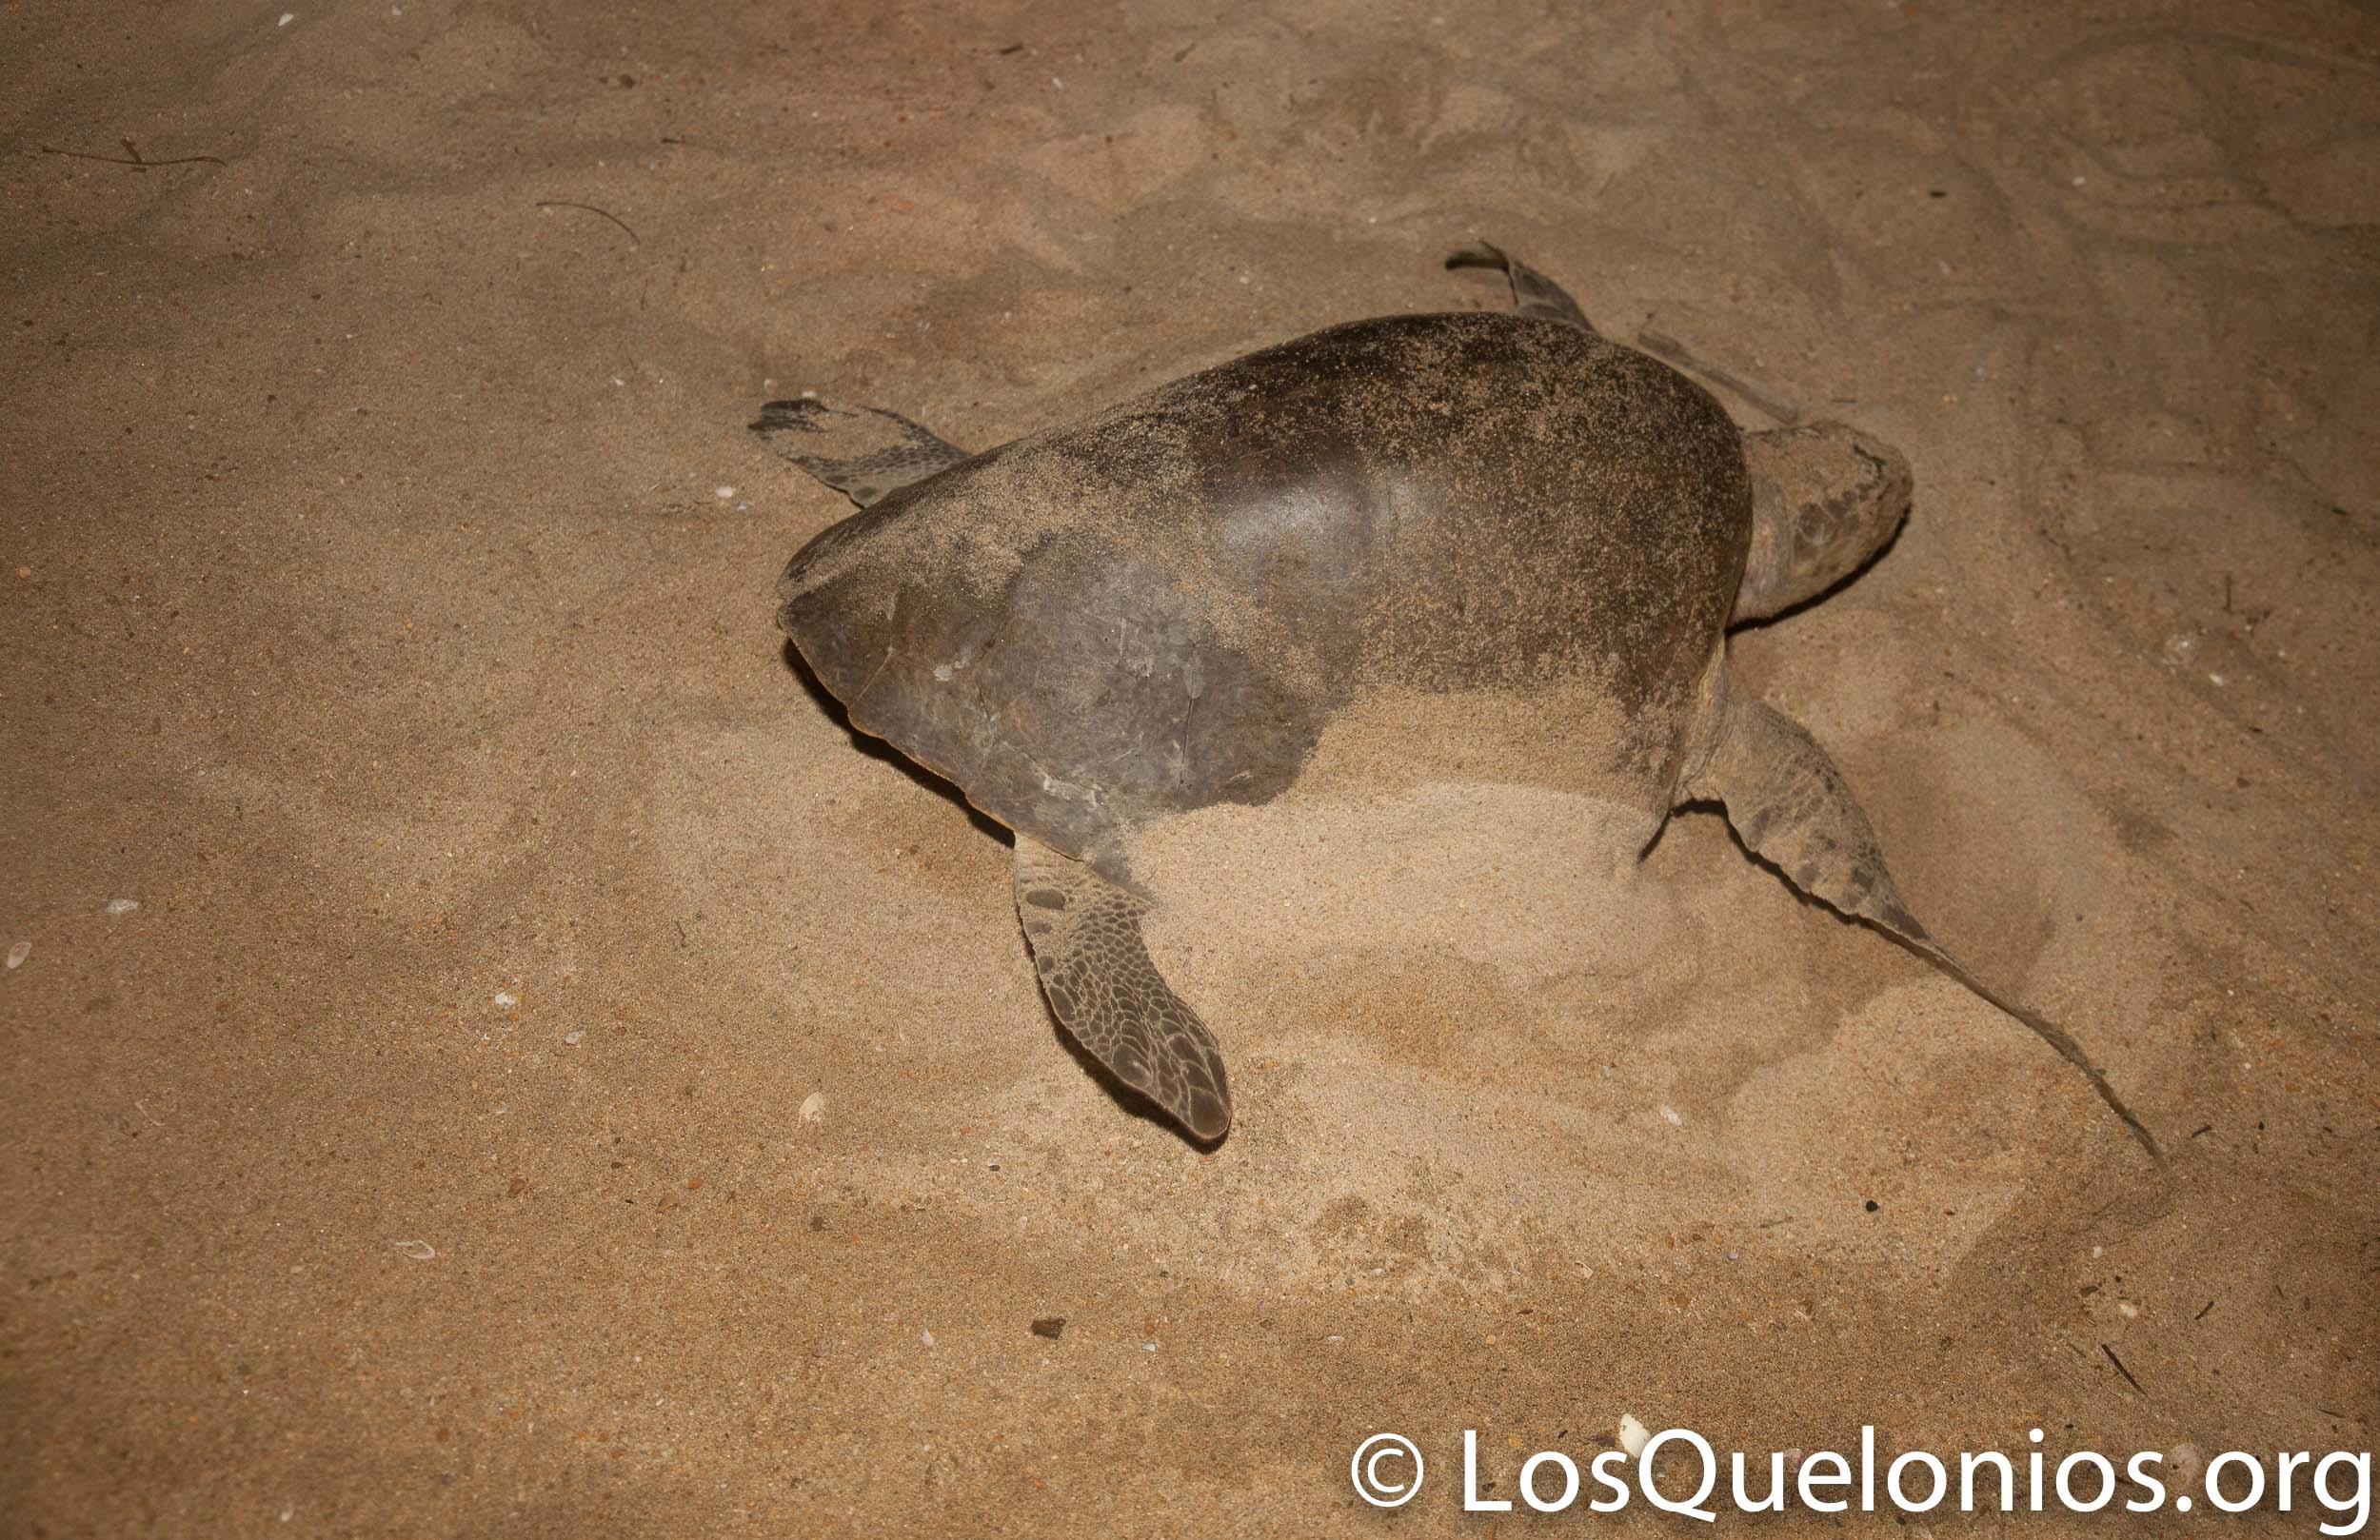 Campamento Tortuguero Los Quelonios. Playa Ventura, Copala. Guerrero, México. LosQuelonios.org